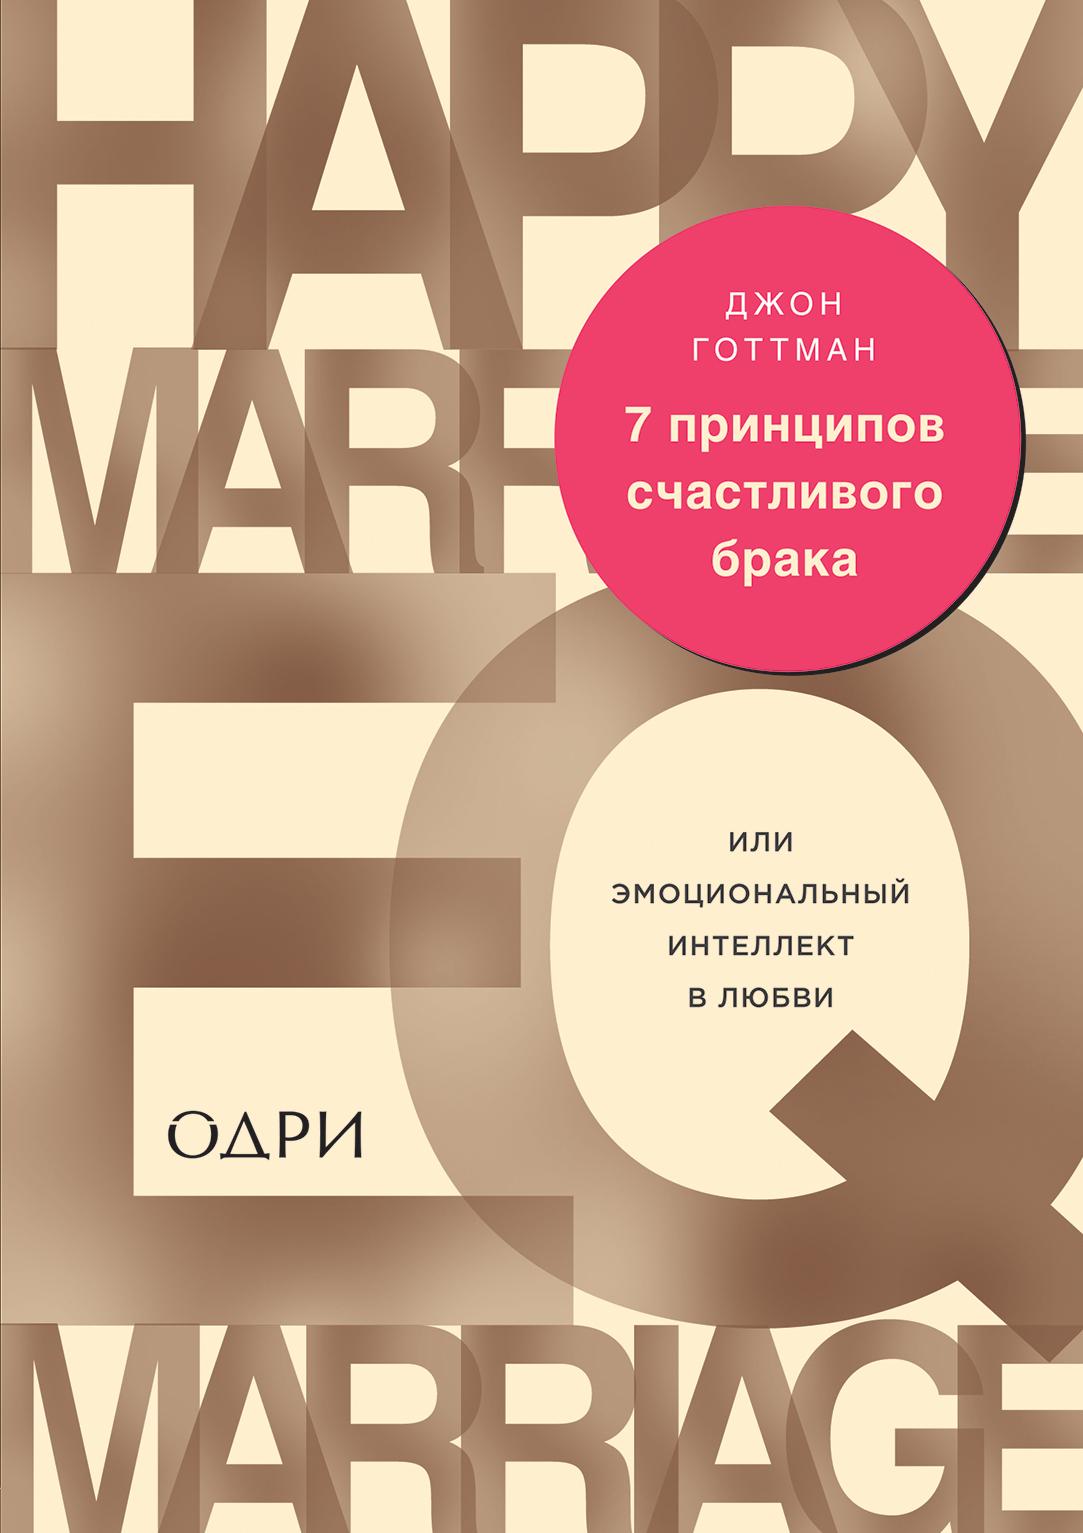 Джон Готтман 7 принципов счастливого брака, или Эмоциональный интеллект в любви джон готтман 7 принципов счастливого брака или эмоциональный интеллект в любви